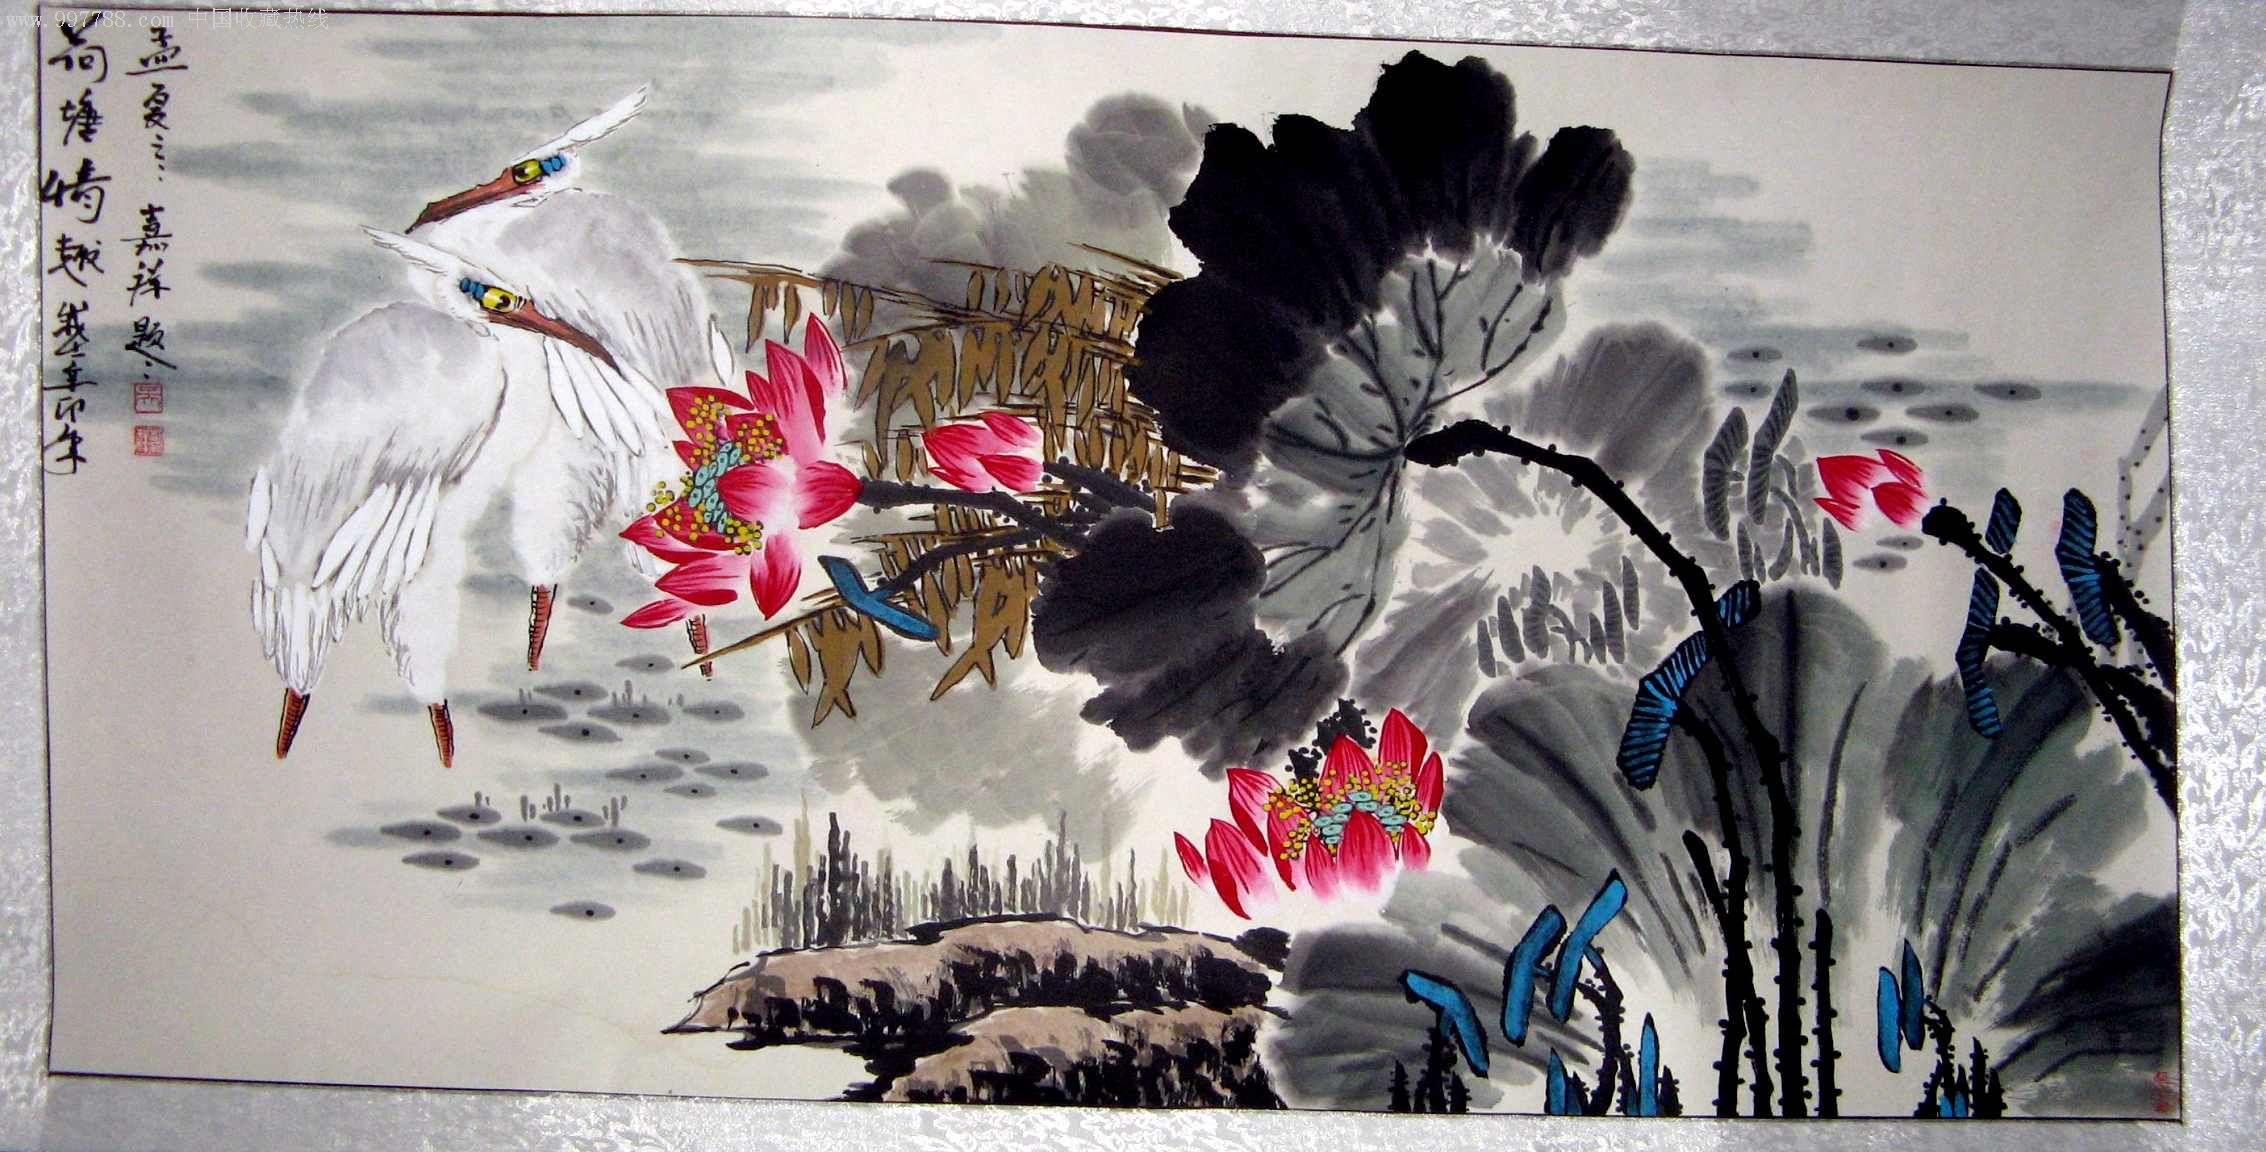 山东著名画家,国家一级美术师四尺花卉视频荷塘画《情趣情趣》已装裱横幅教程精品被女友调教图片